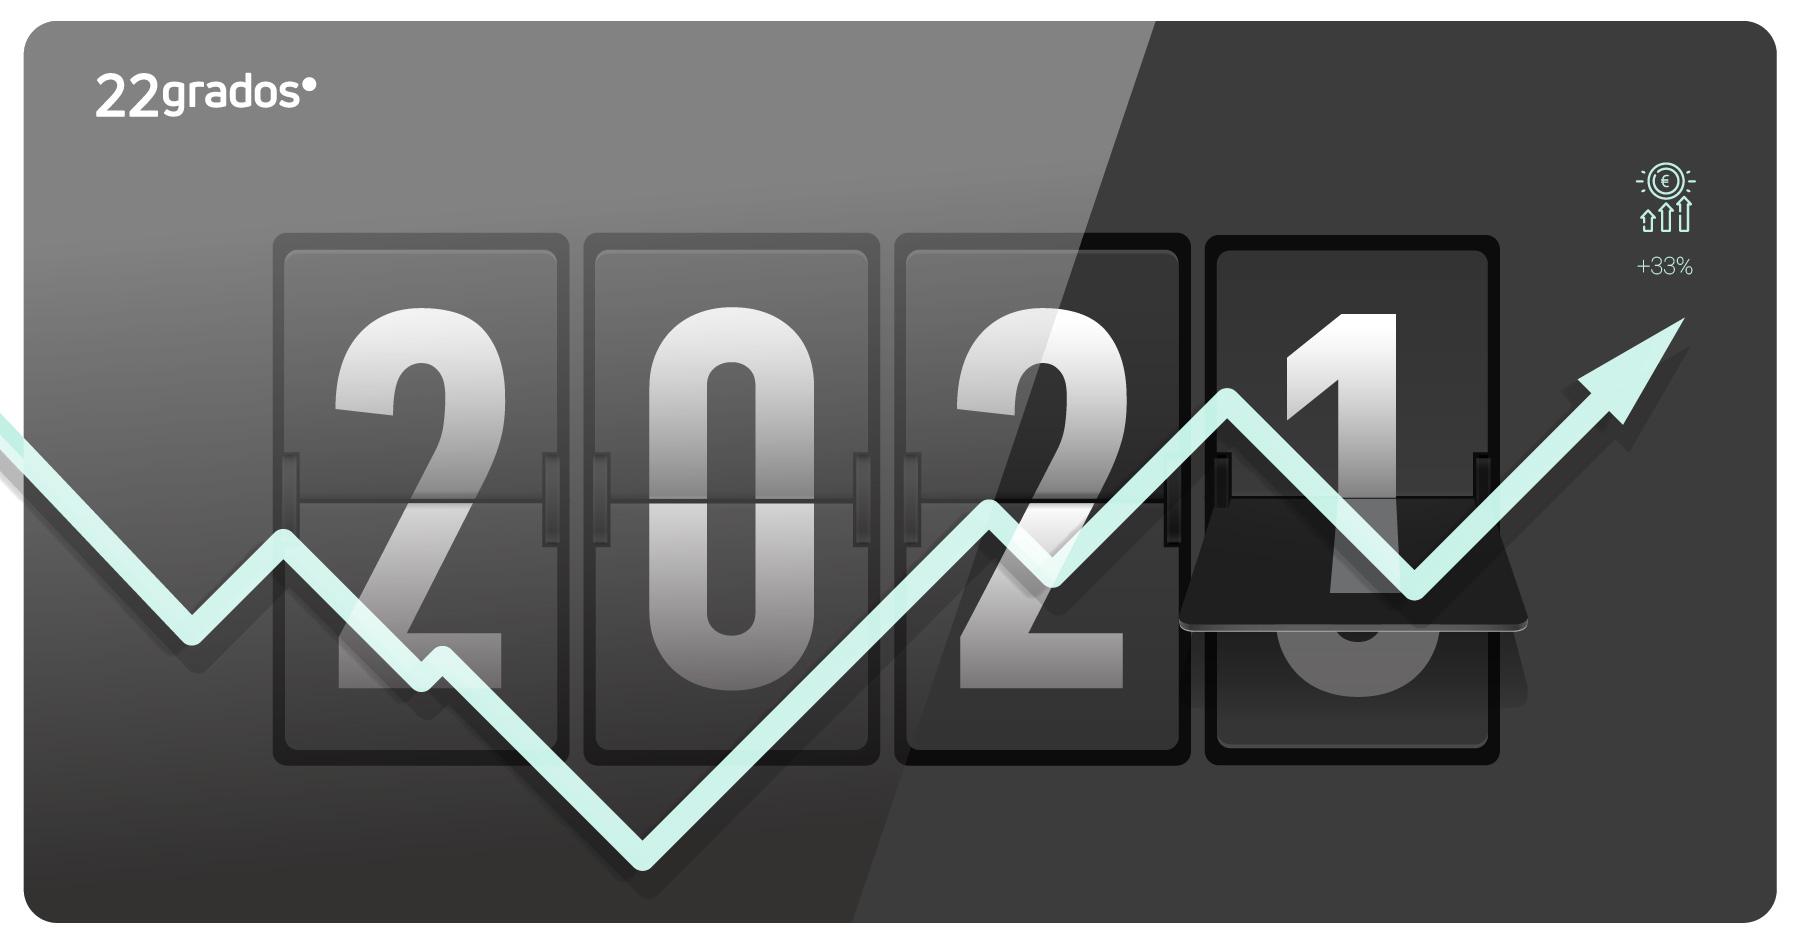 Cerramos 2020 creciendo un 33% en facturación